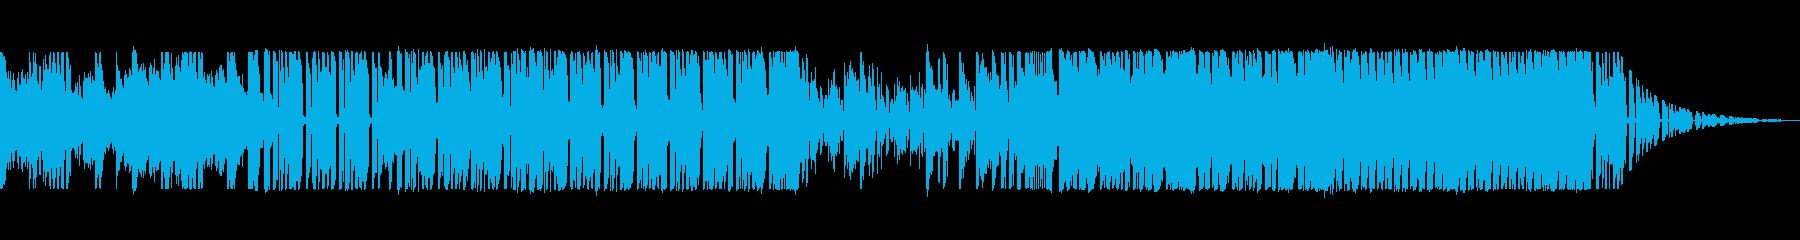 覚醒するダンスミュージックの再生済みの波形